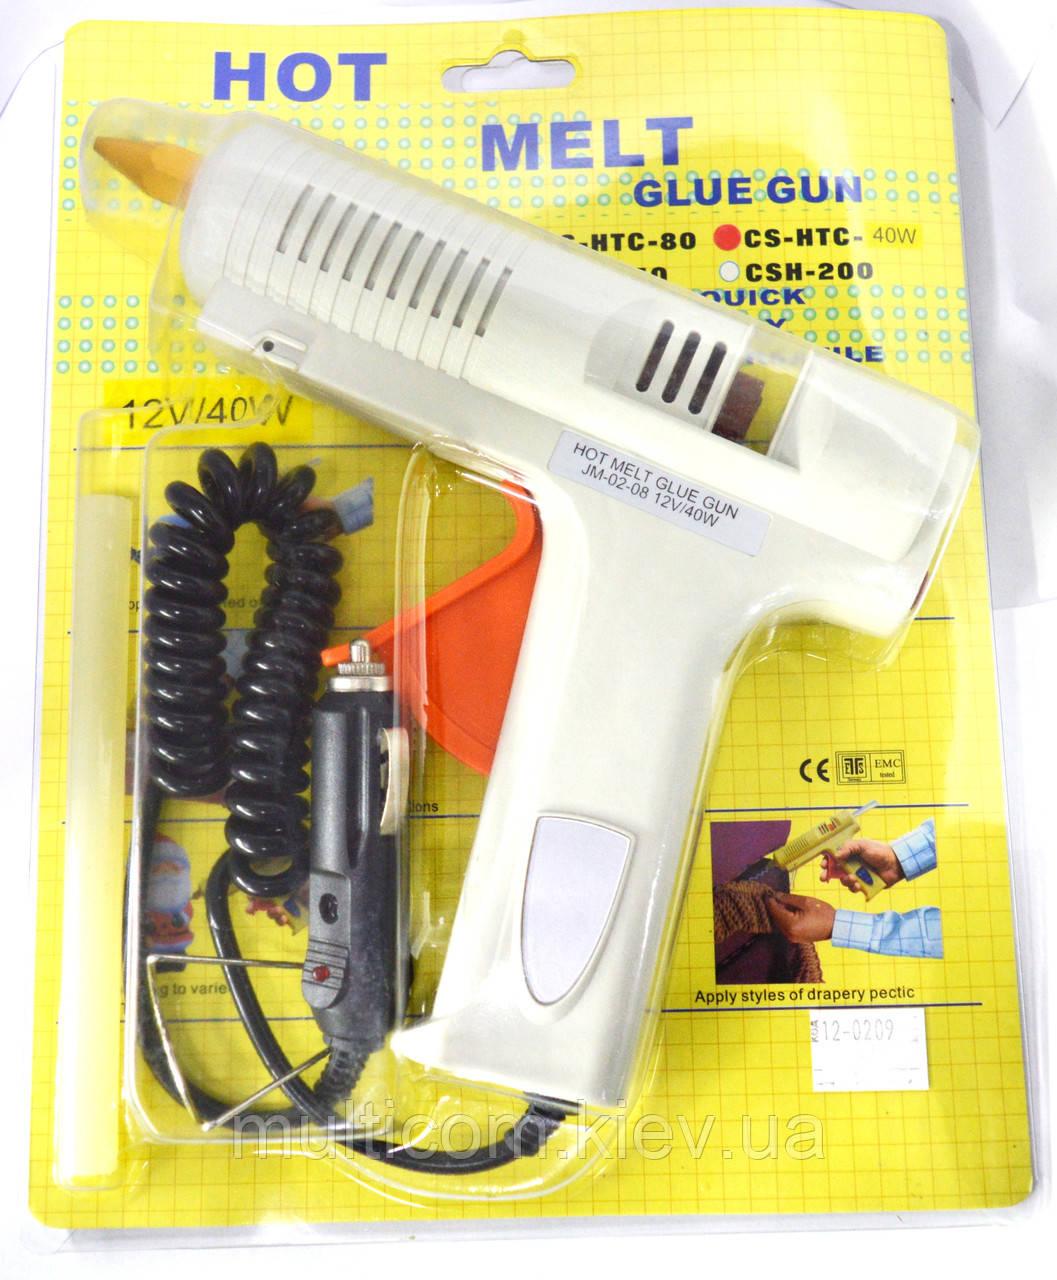 12-00-036. Пистолет клеевой 40W, под клей 11мм, в блистере, серый, питание от прикуривателя, CS-HTS